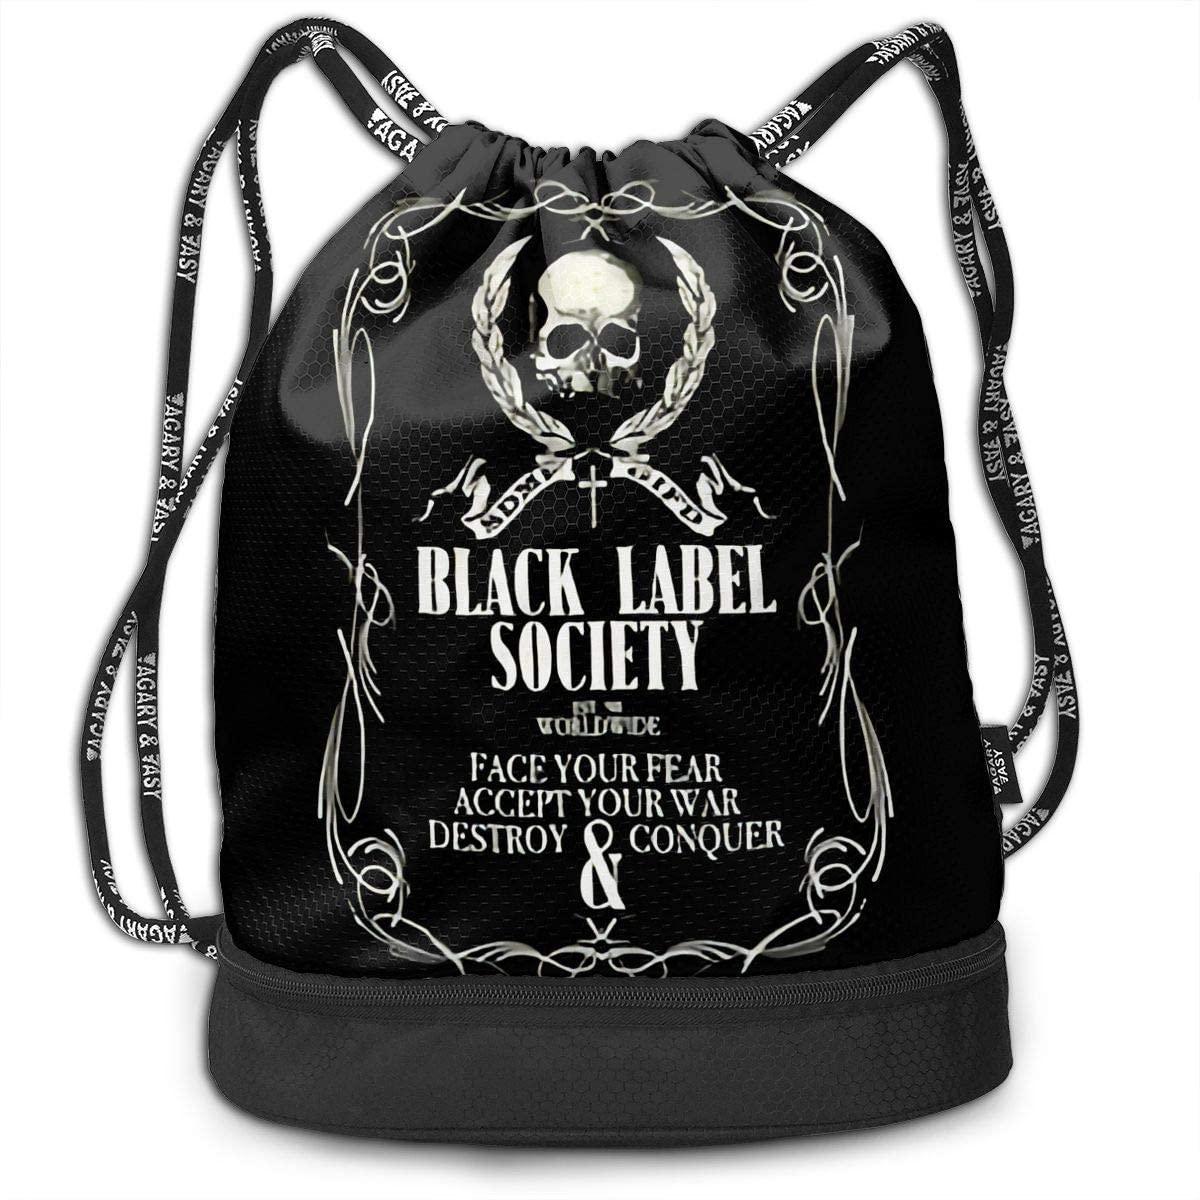 Black Label Society Drawstring Bag Gym Lightweight Bundle Backpack For Men Women Kids School Gym Travel